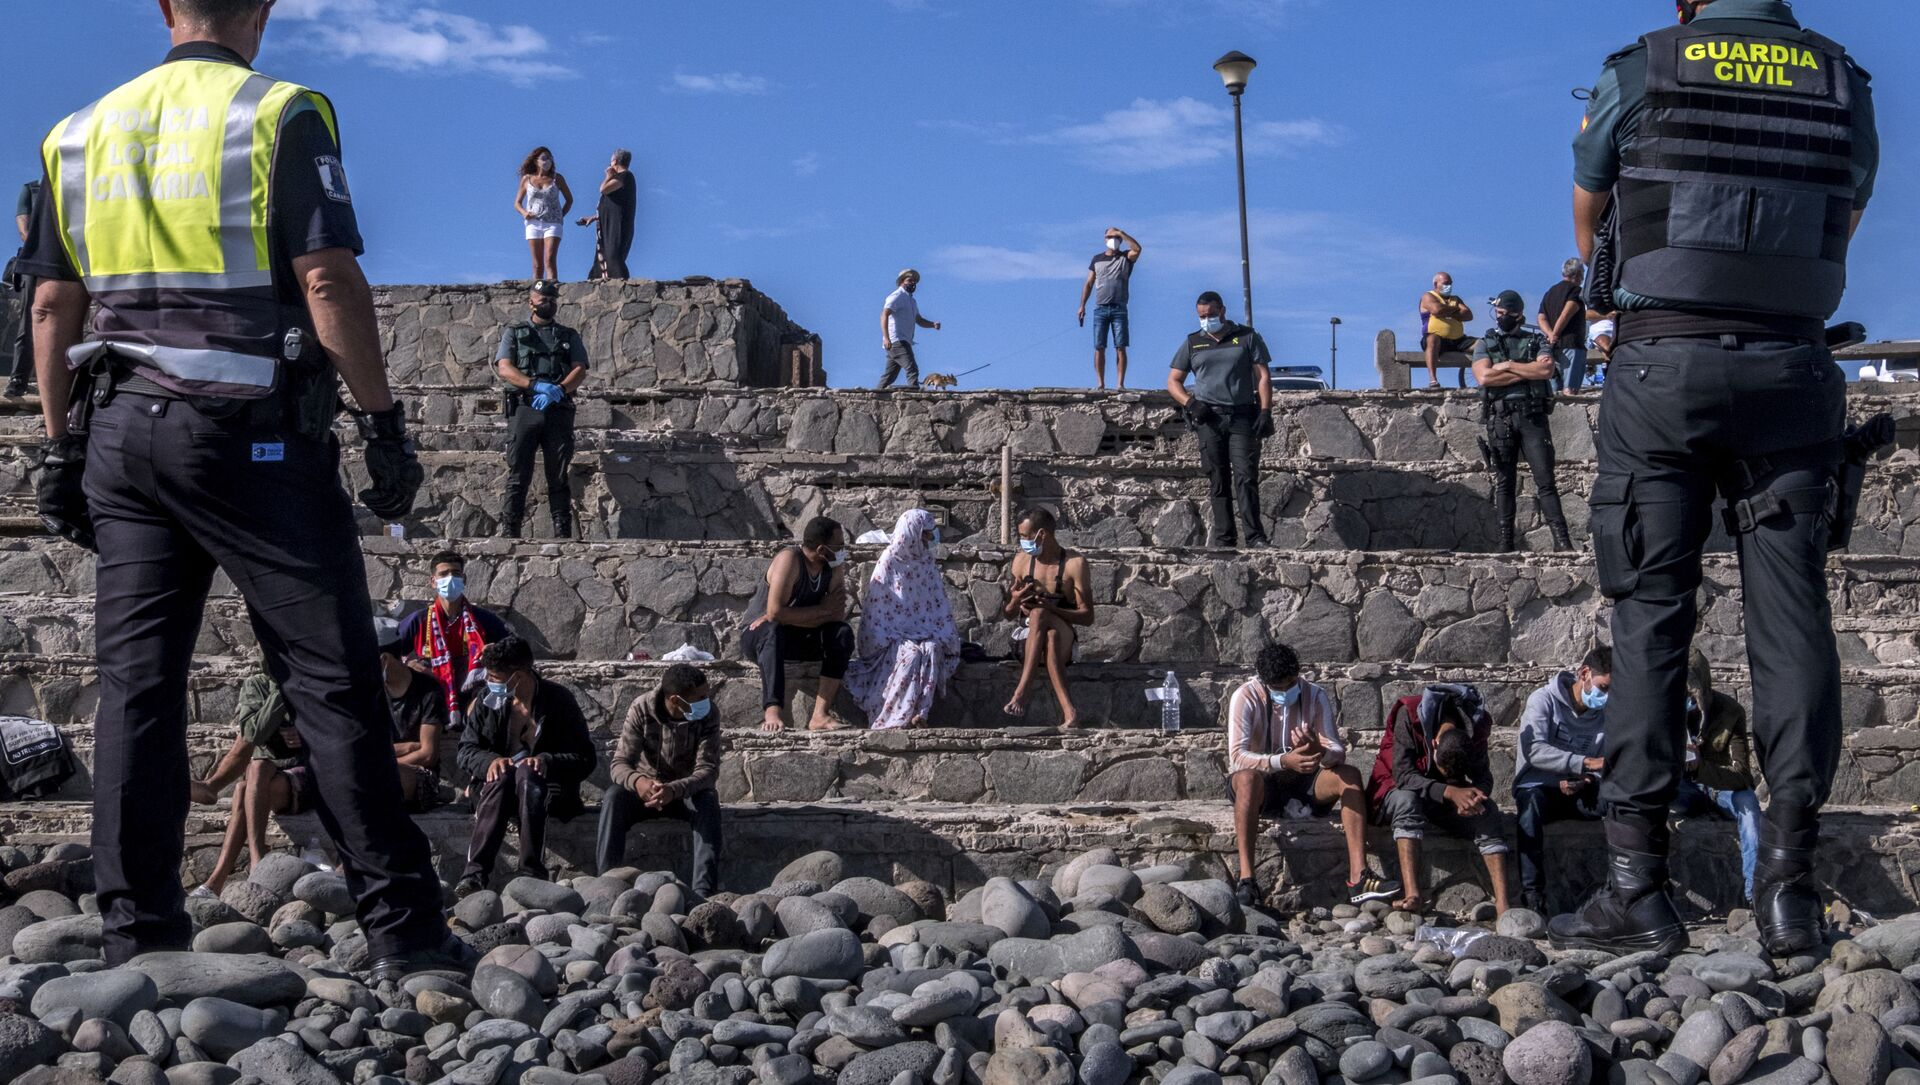 Migrantes son vigilados por la policía española después de llegar a la costa de las Islas Canarias, España. 23 de noviembre de 2020 - Sputnik Mundo, 1920, 20.01.2021